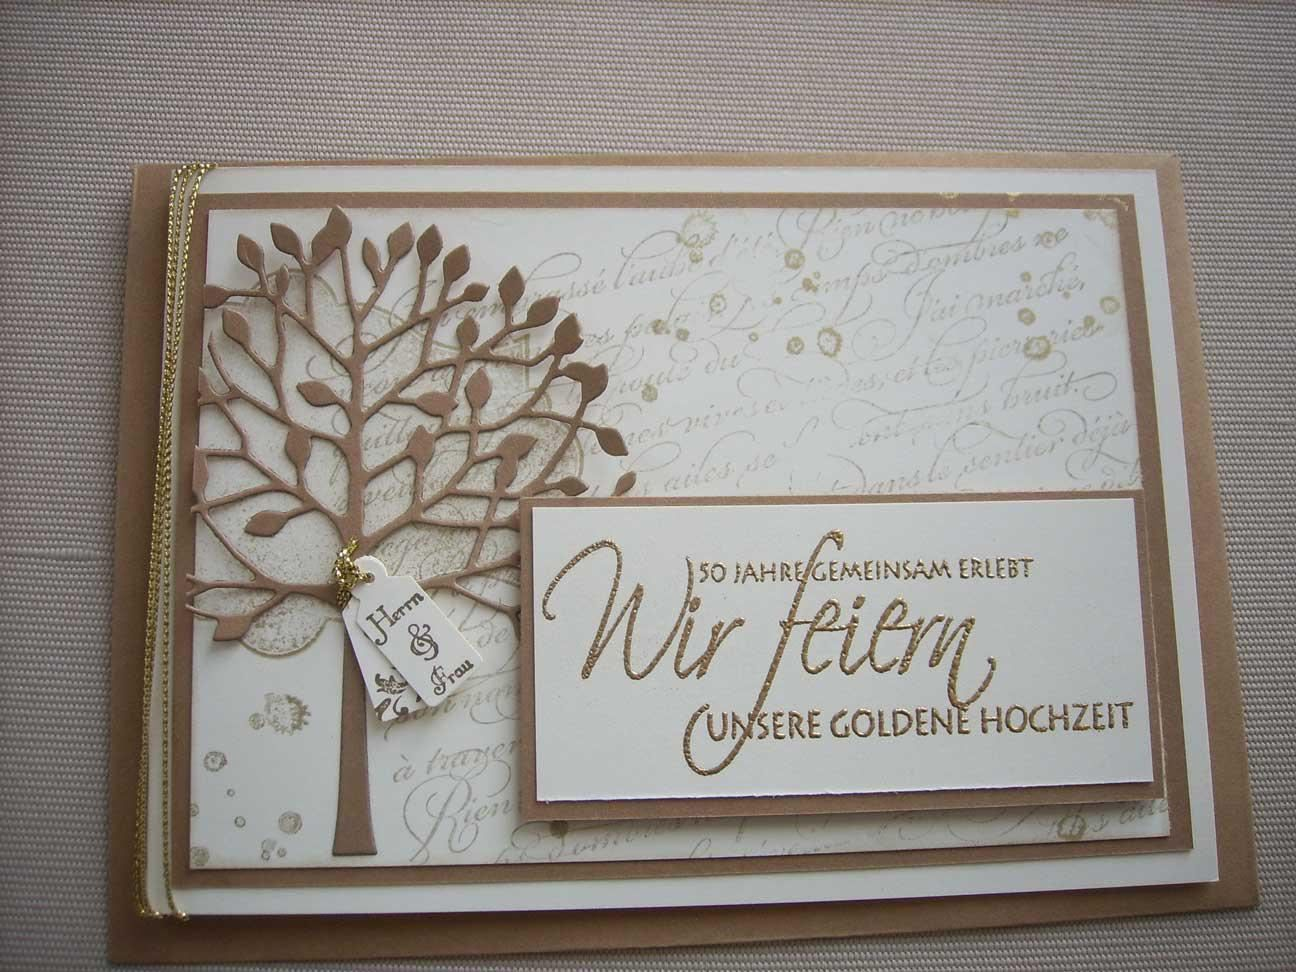 Einladungskarten Goldene Hochzeit Selbst Gestalten Einladungskarten Zu Einladungskarten Goldene Hochzeit Einladung Goldene Hochzeit Einladungskarten Hochzeit